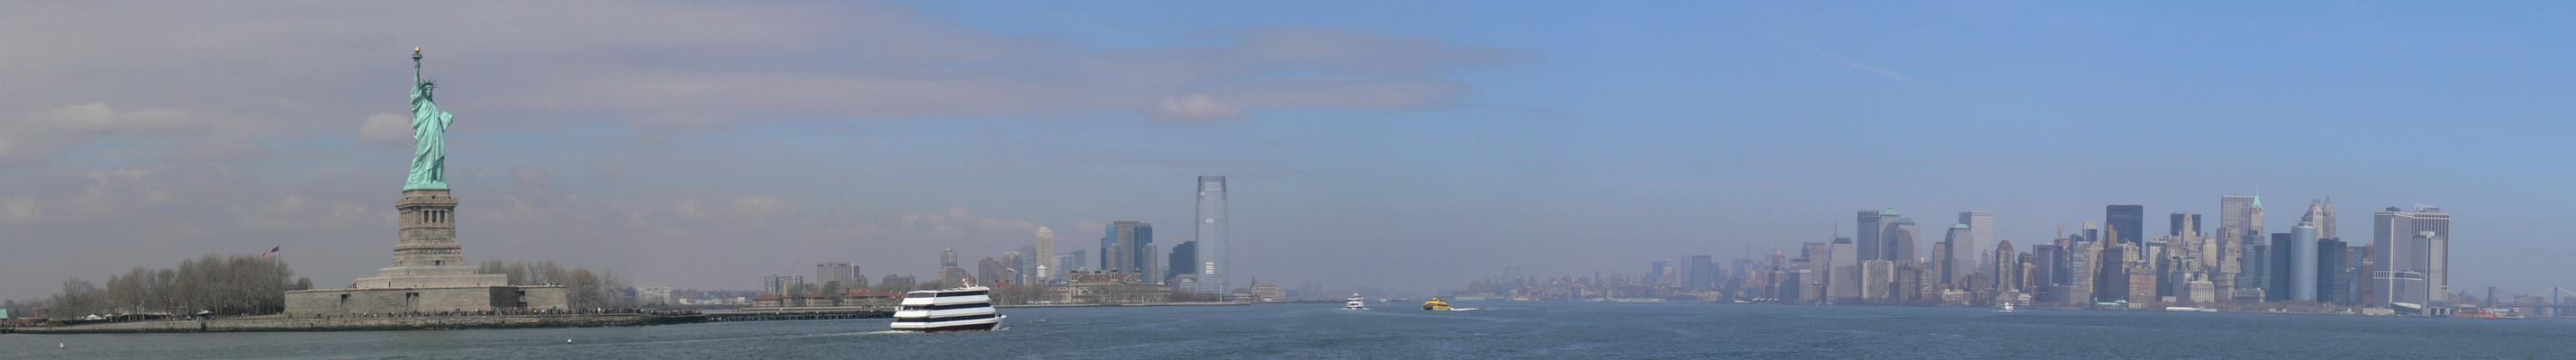 NYC mit Freiheitsstatue vom Schiff aus